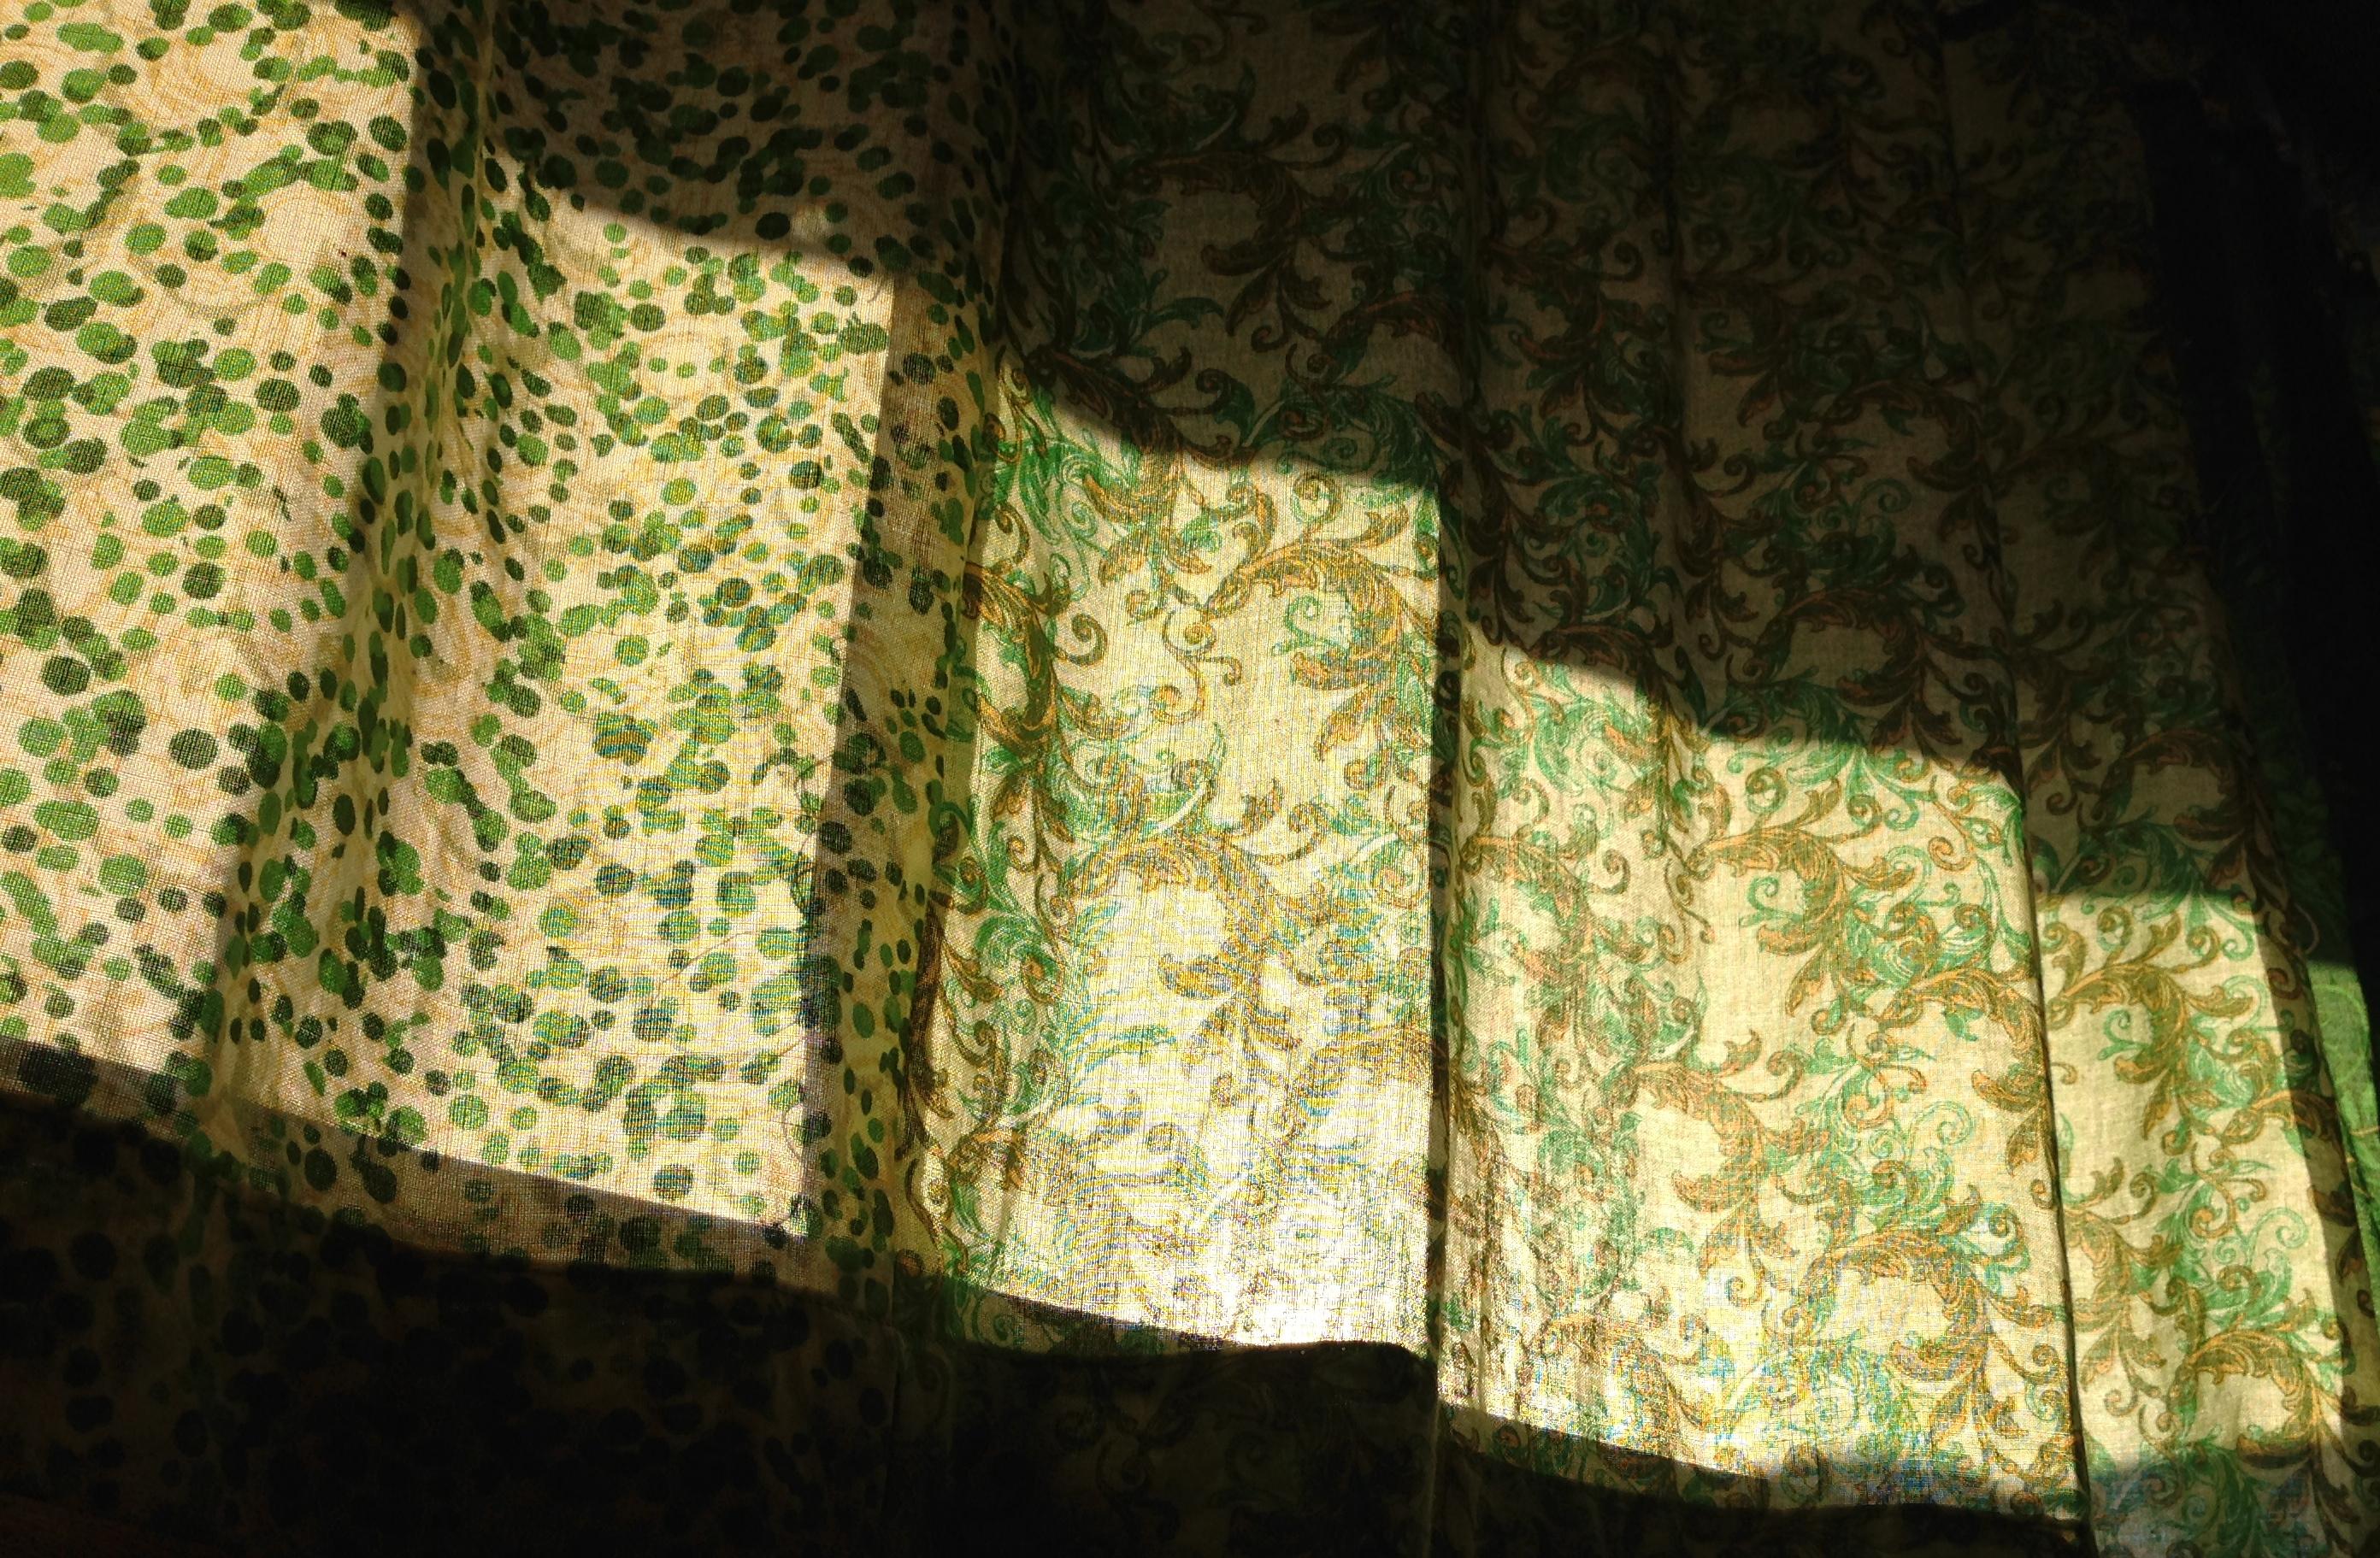 Sun shining through the curtains